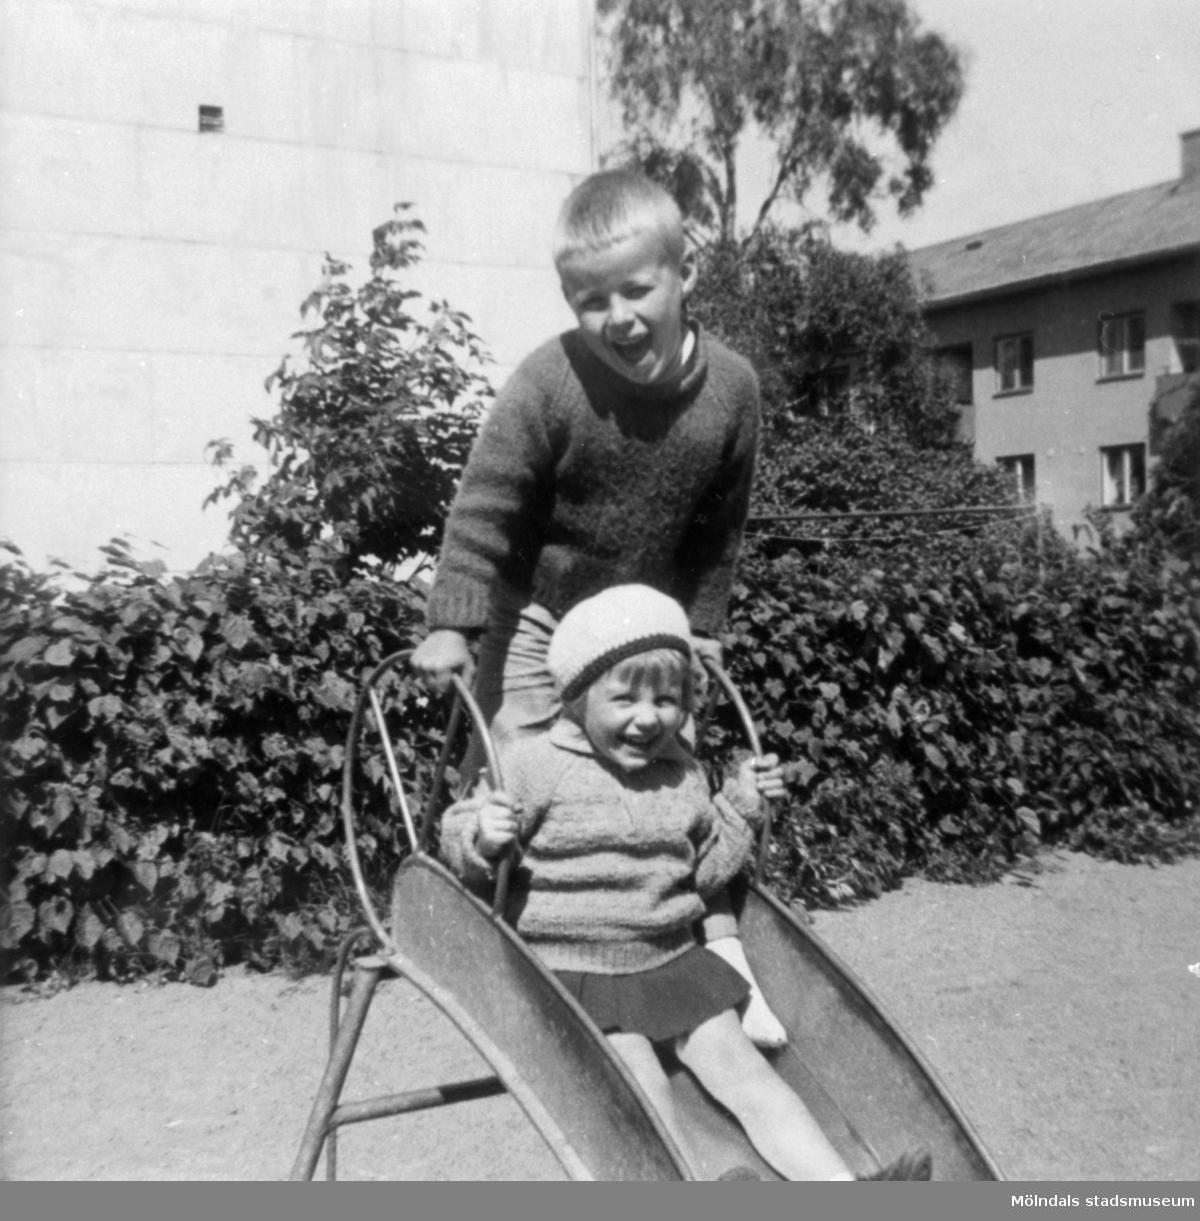 Barnen Torbjörn och Carina vid en rutschkana på Brunnsgatan, 1965. Barnen är syskon samt Dahlbjörks barnbarn.